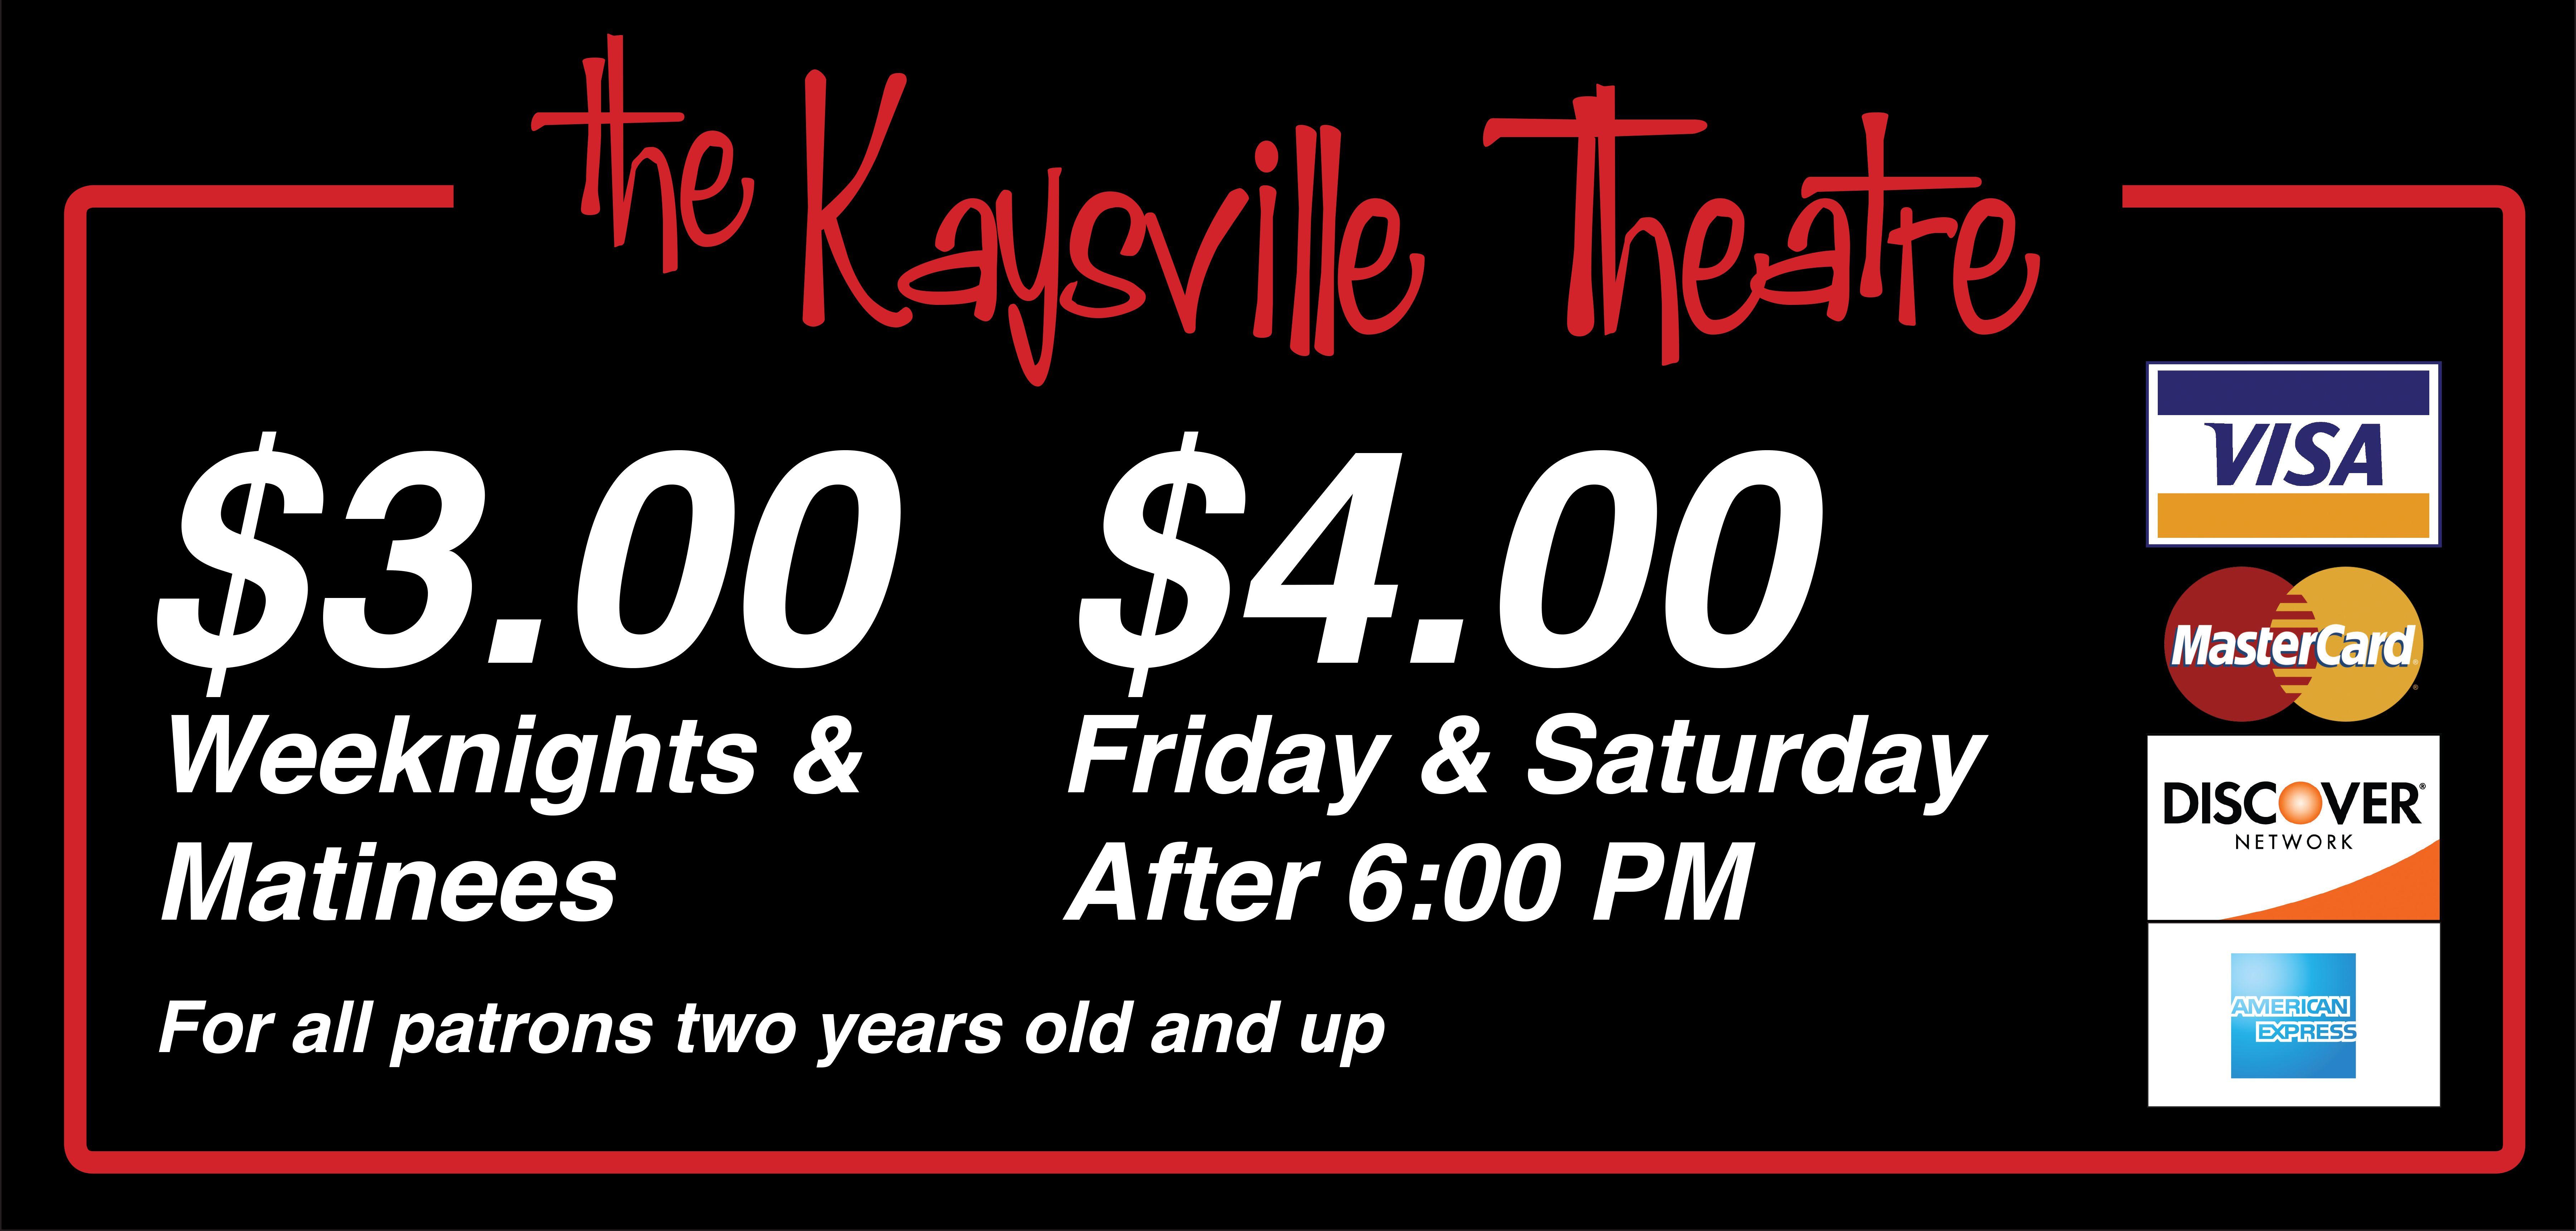 Discount movie theater in kaysville ut the kaysville